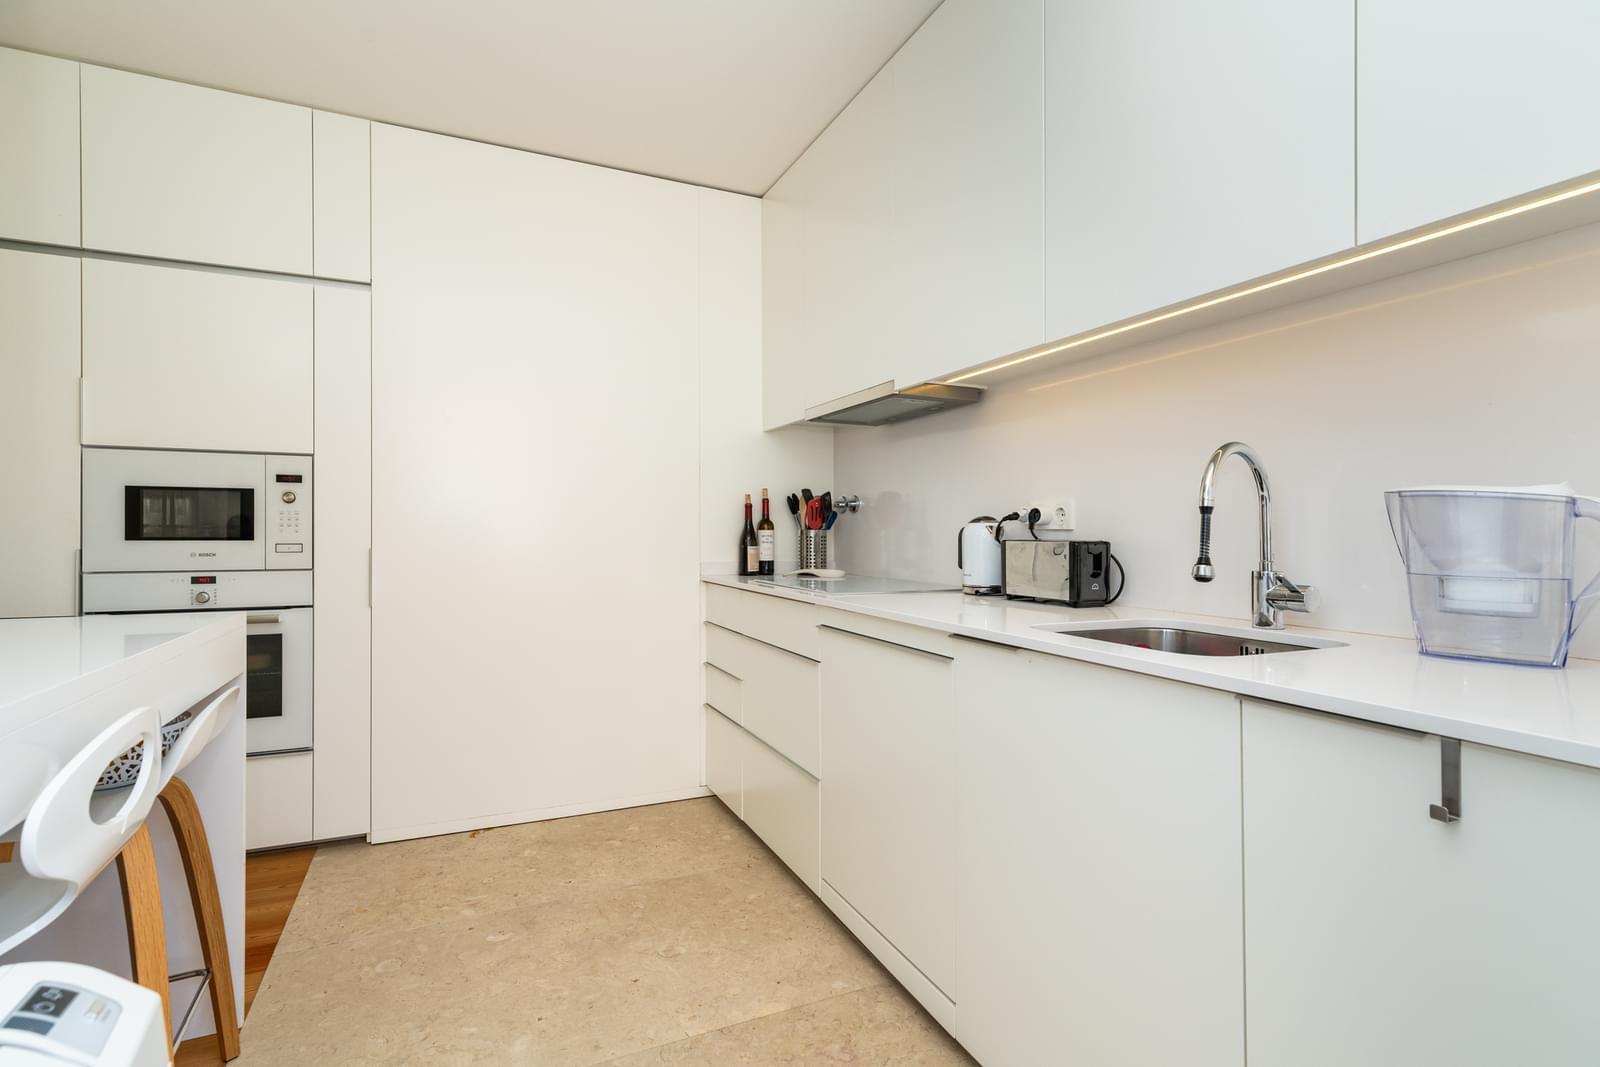 pf19126-apartamento-t2-lisboa-e02299ac-9a07-4207-aa8c-e207dbfe09d1